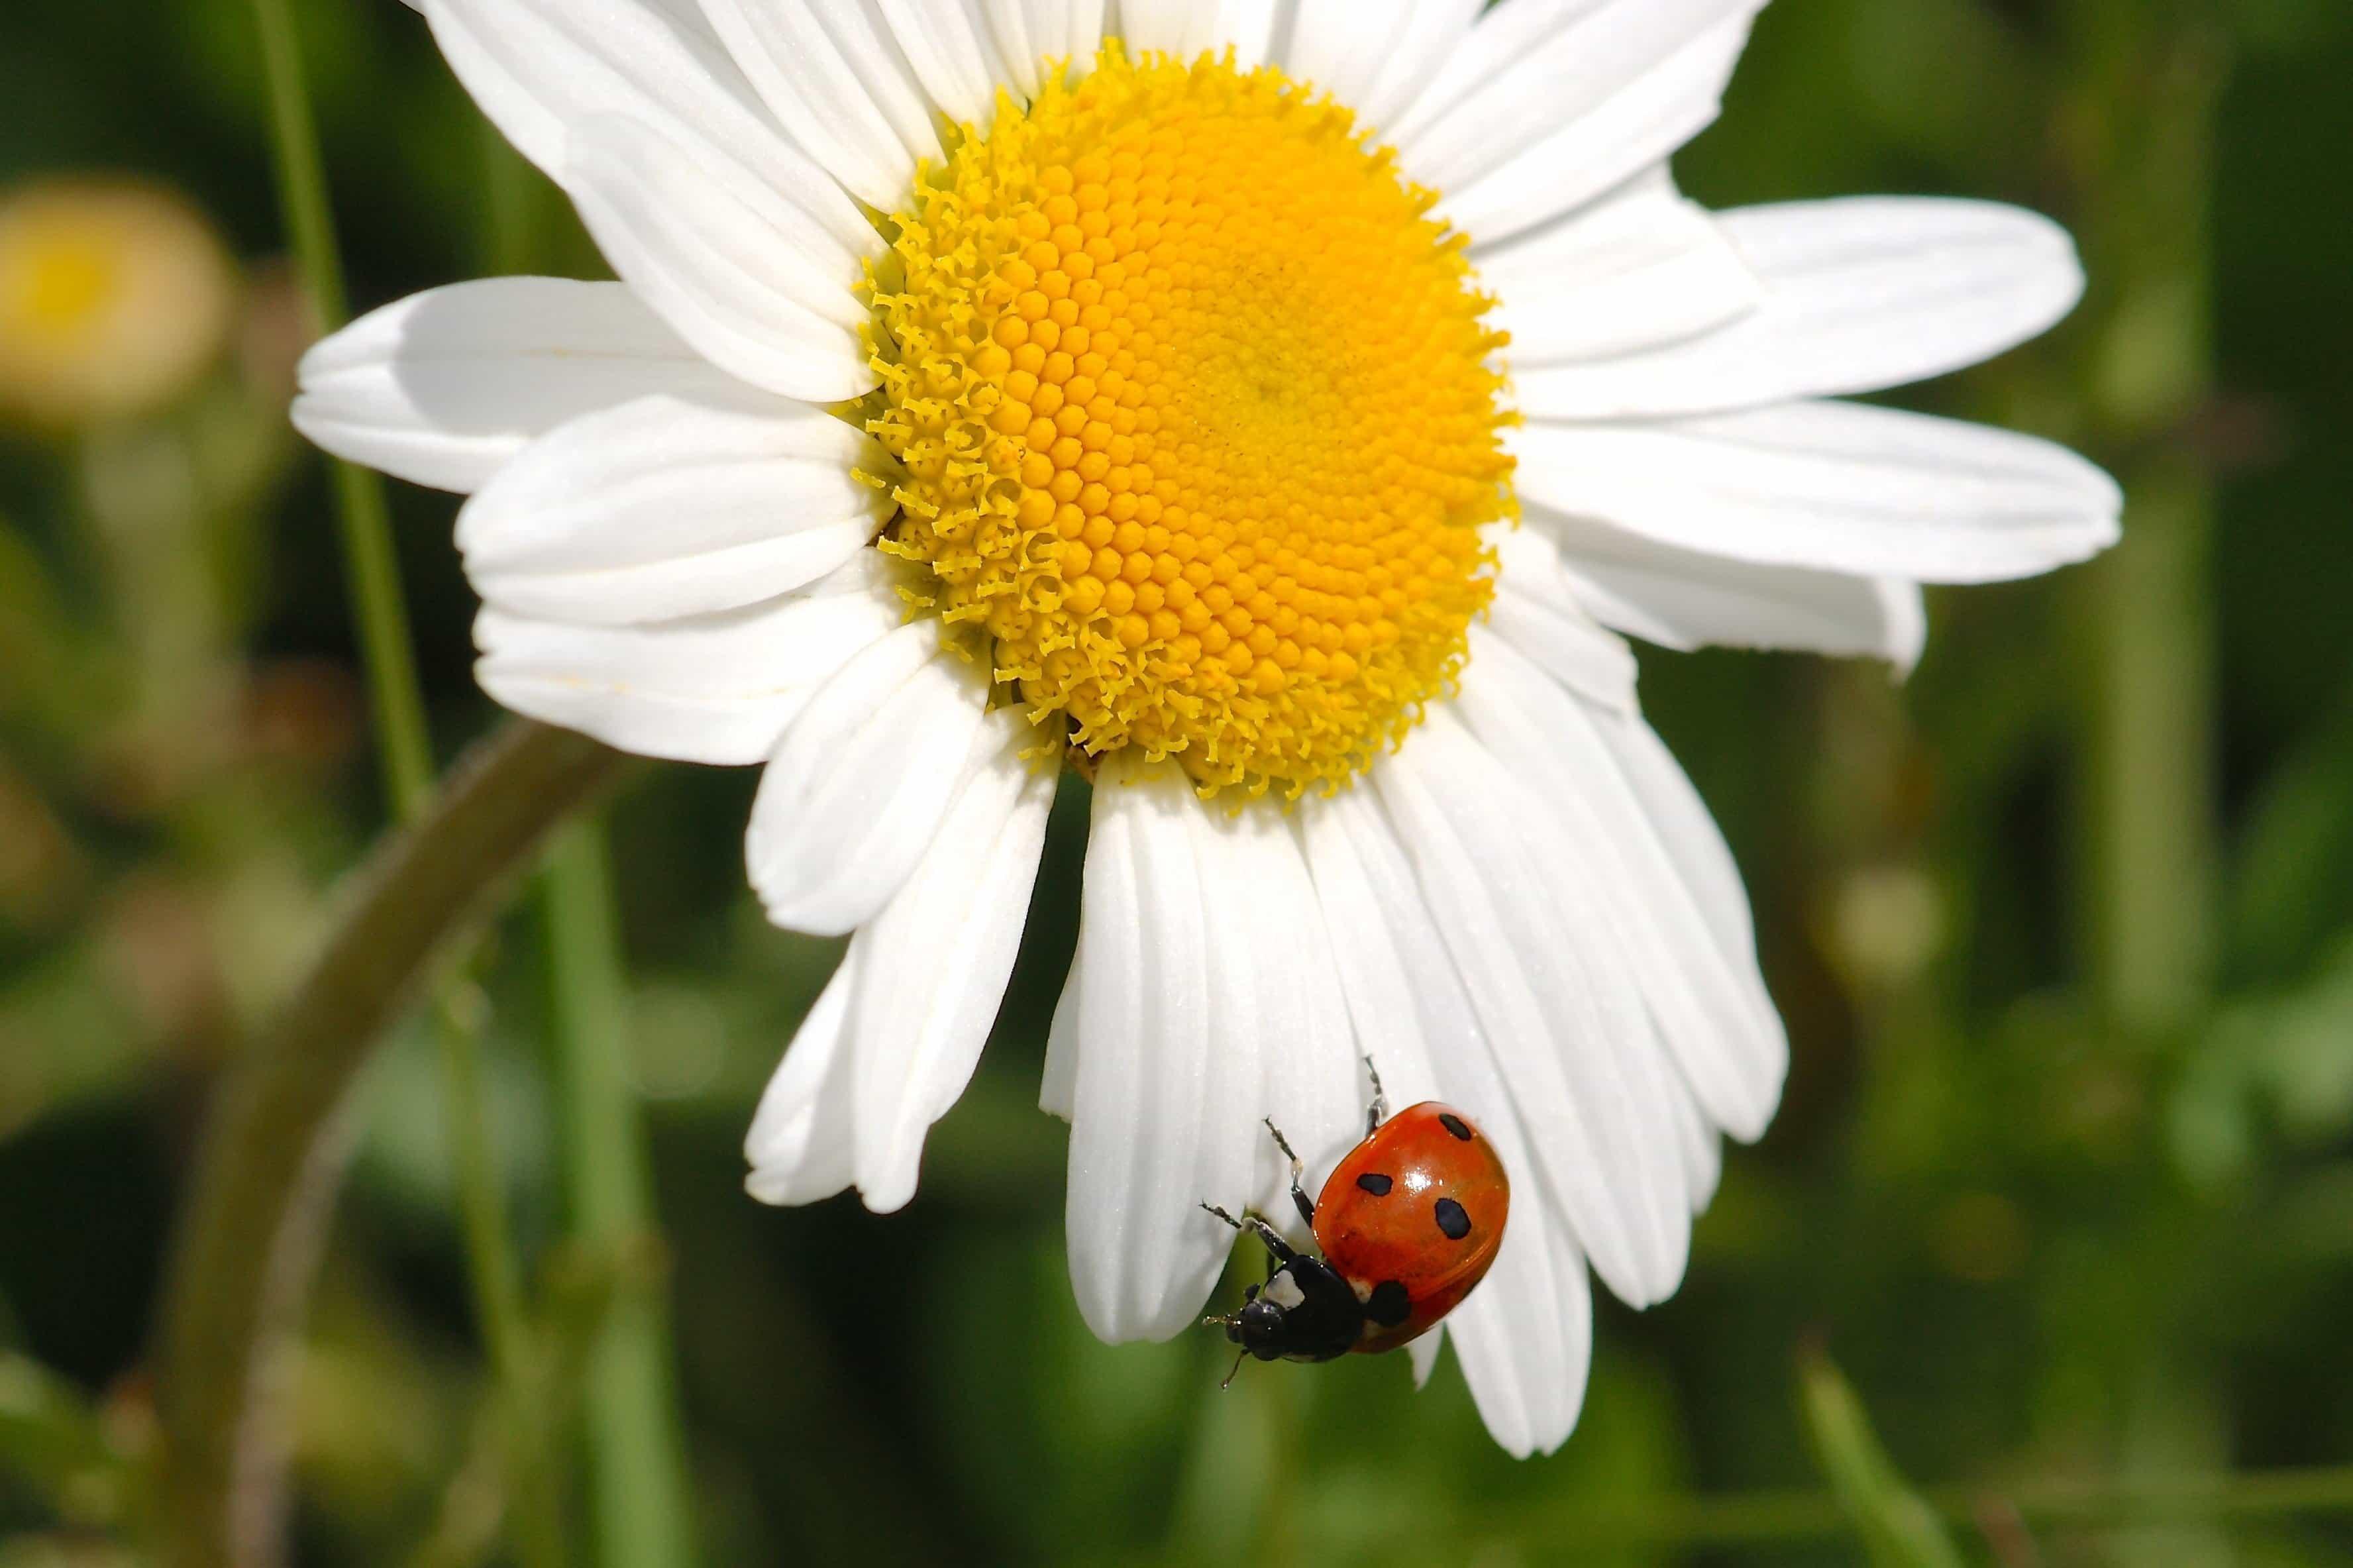 Ganz und zu Extrem Kostenlose Bild: Natur, Blatt, Blume, Marienkäfer, Makro, Pflanzen @XN_43